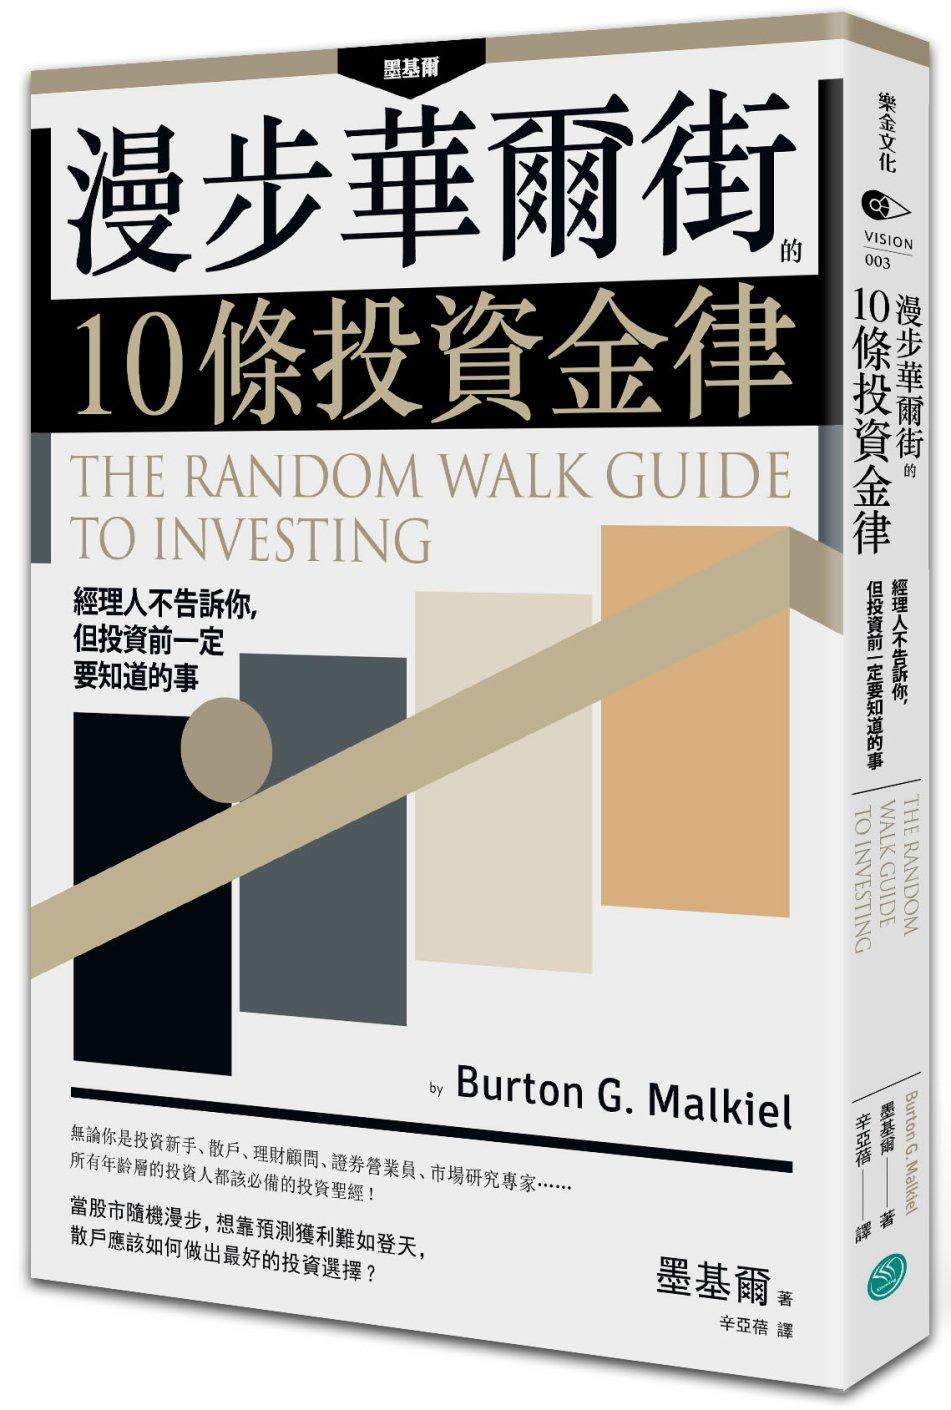 漫步華爾街的10條投資金律:經理人不告訴你,但投資前一定要知道的事